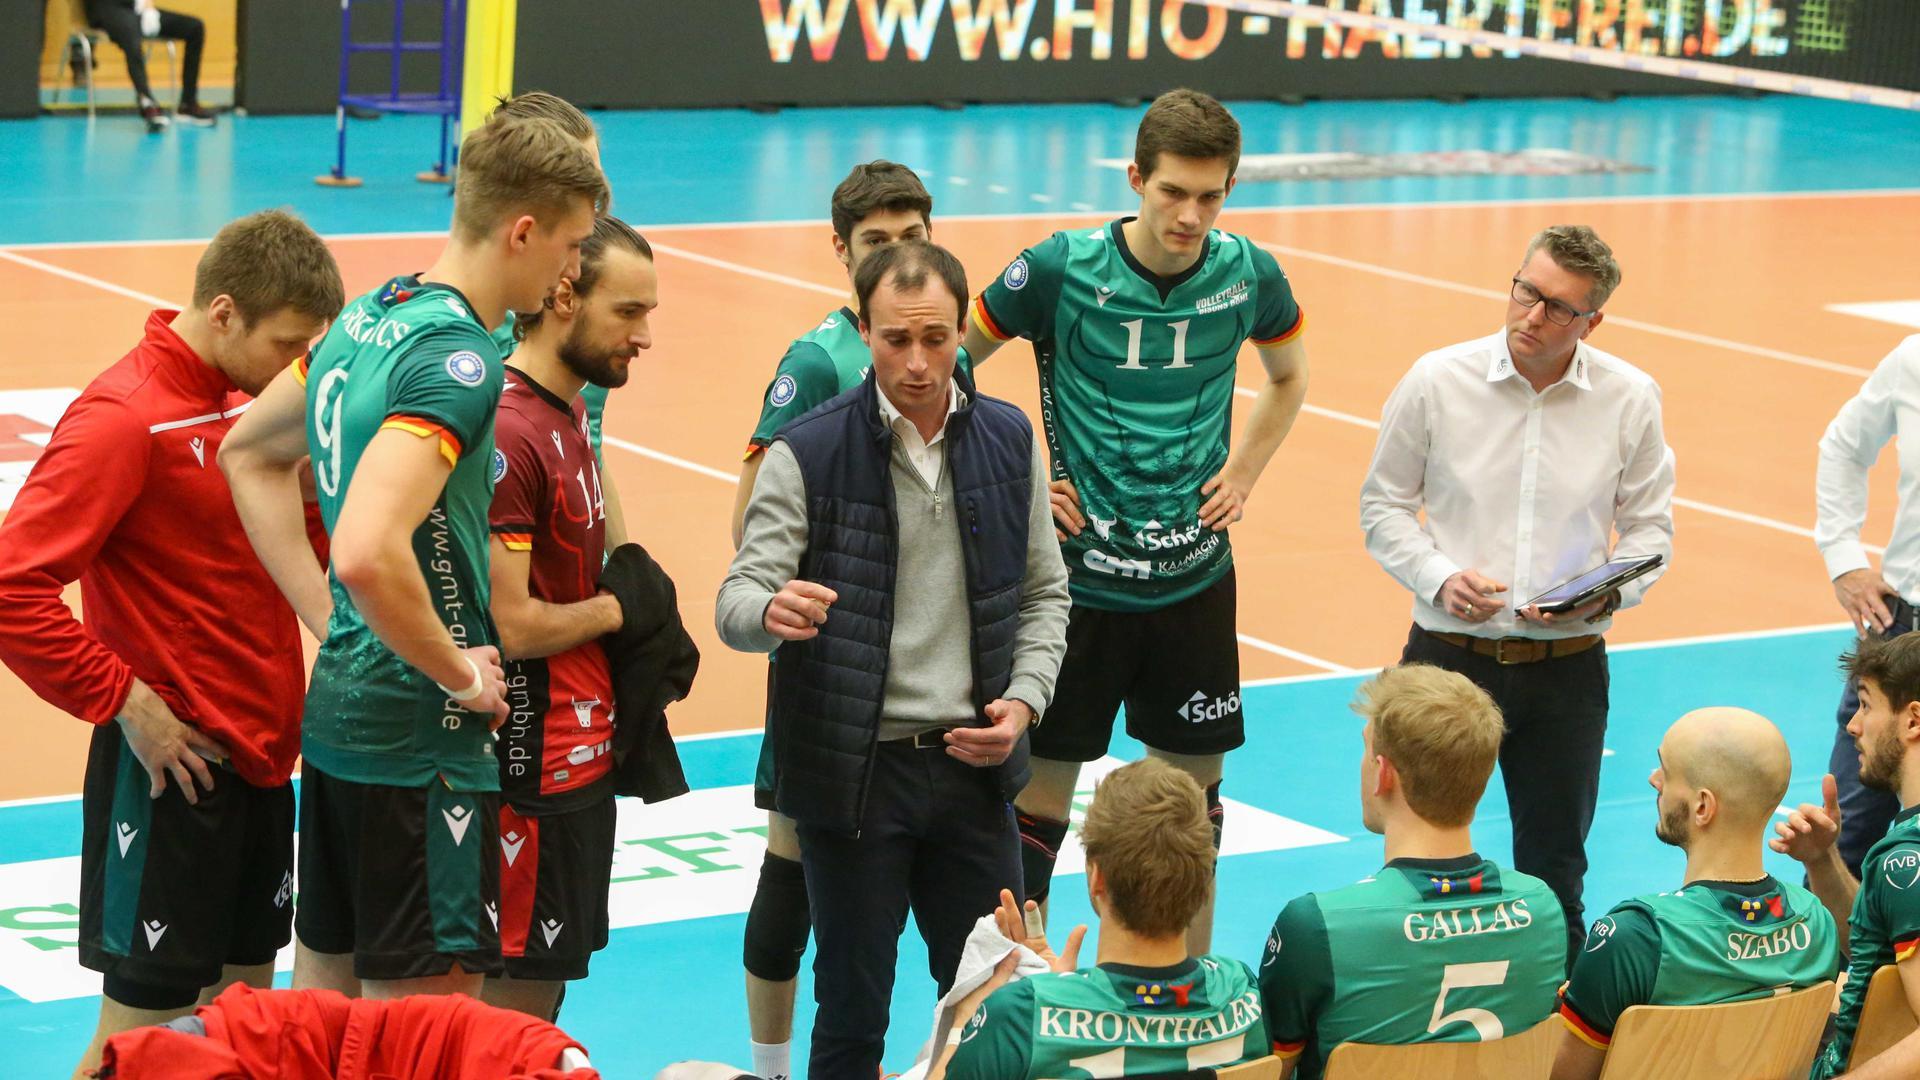 Volleyball-Bundesliga, Bisons Bühl, Saison 2020/21